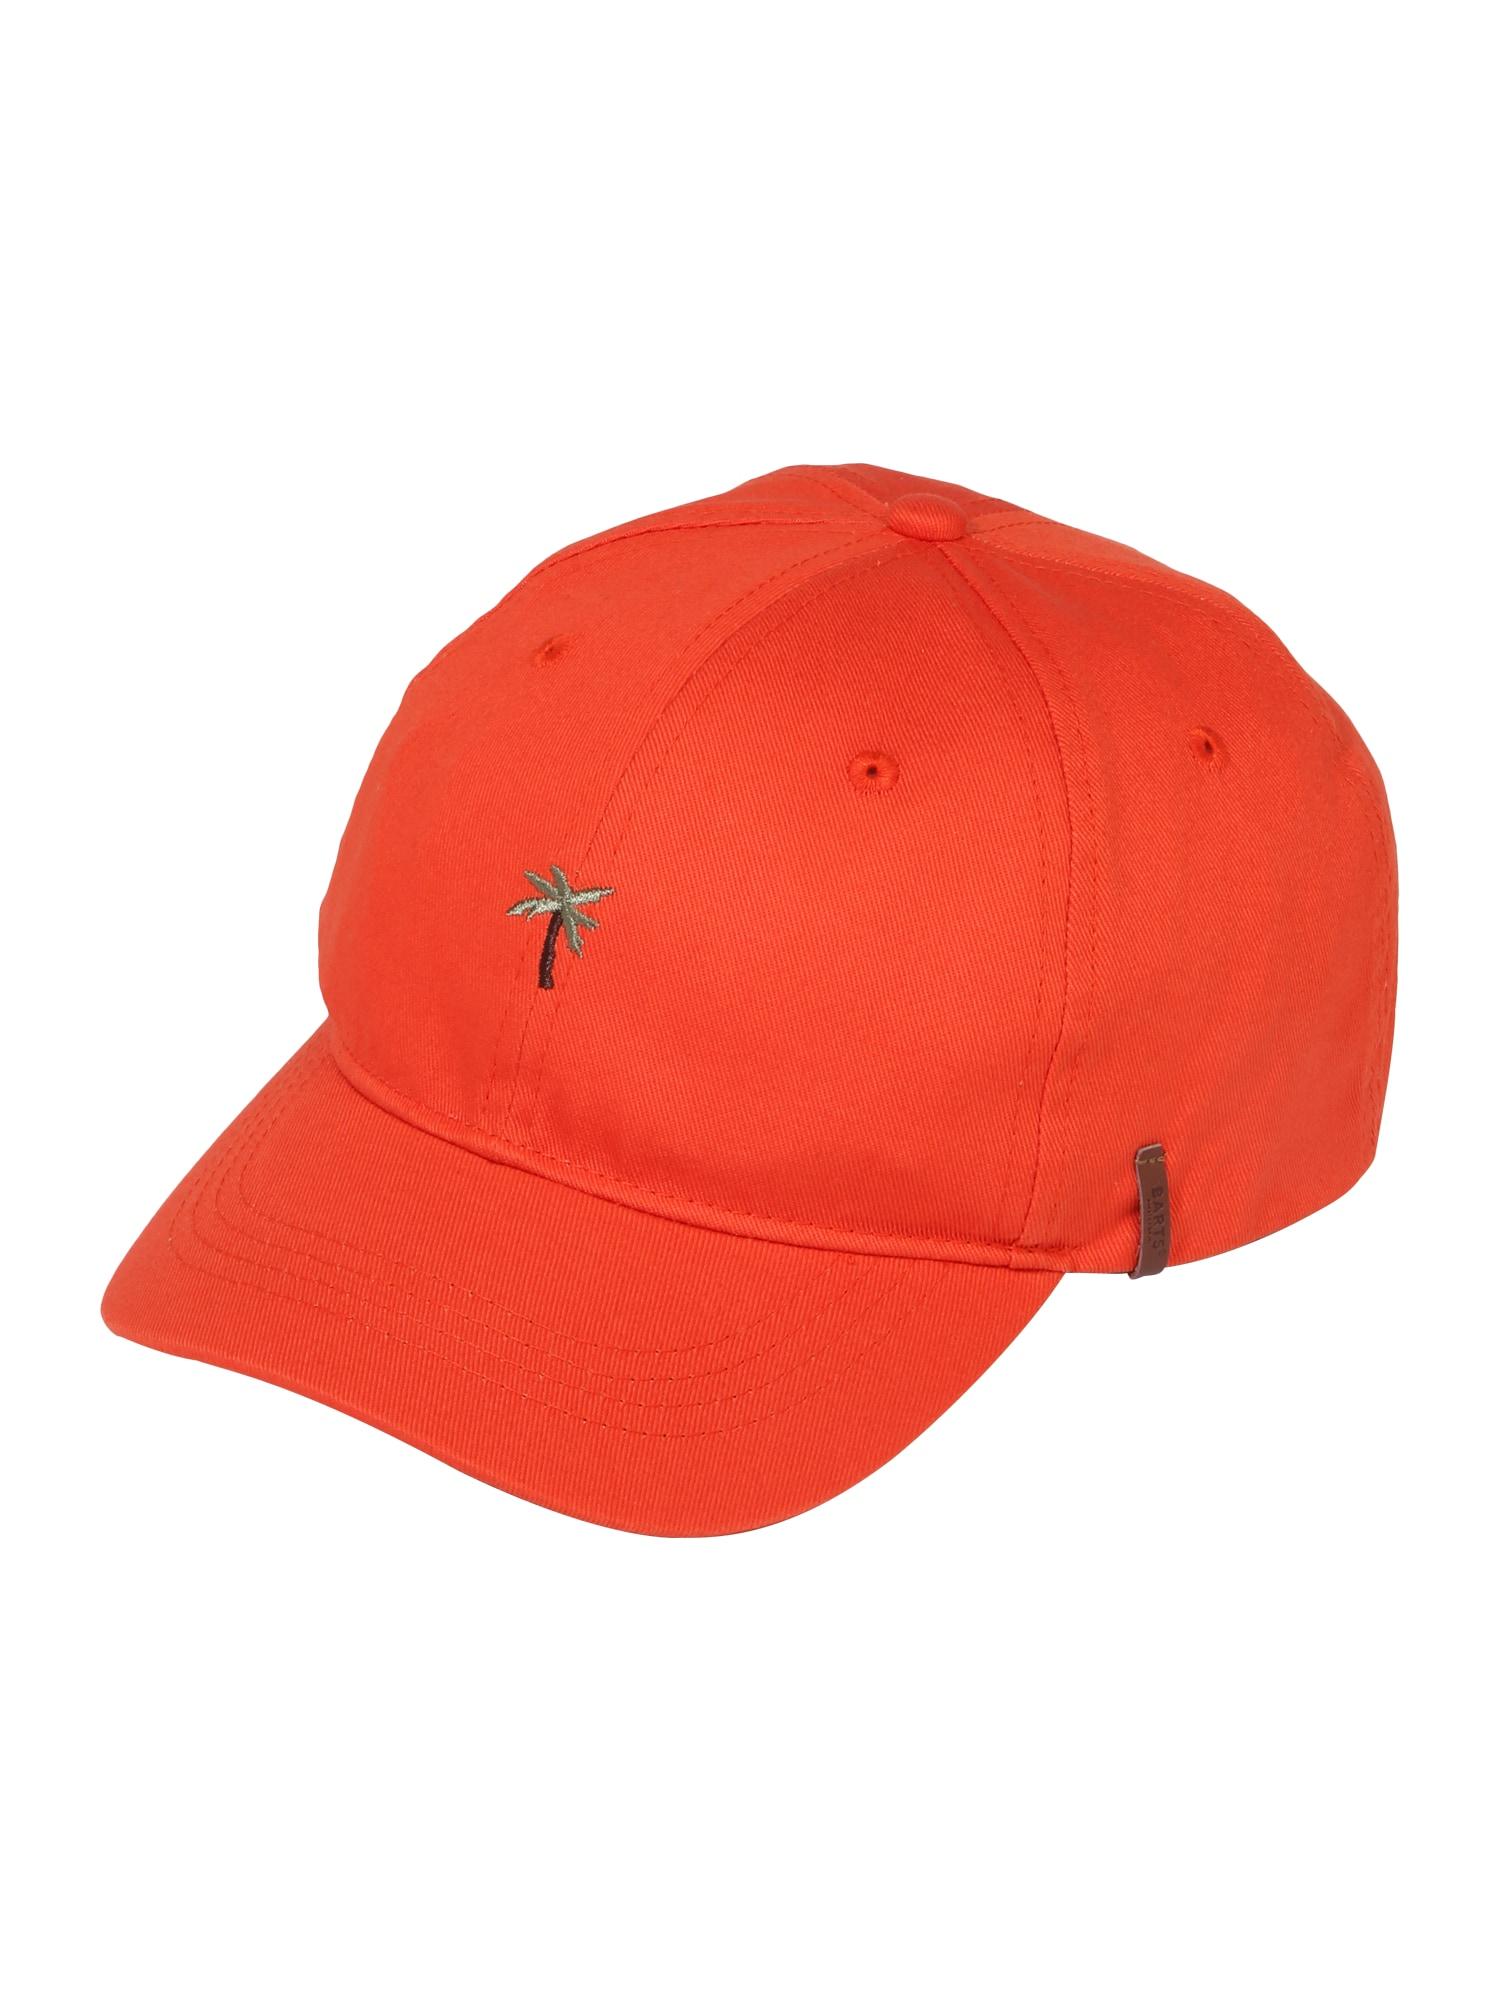 Čepice Posse oranžově červená Barts